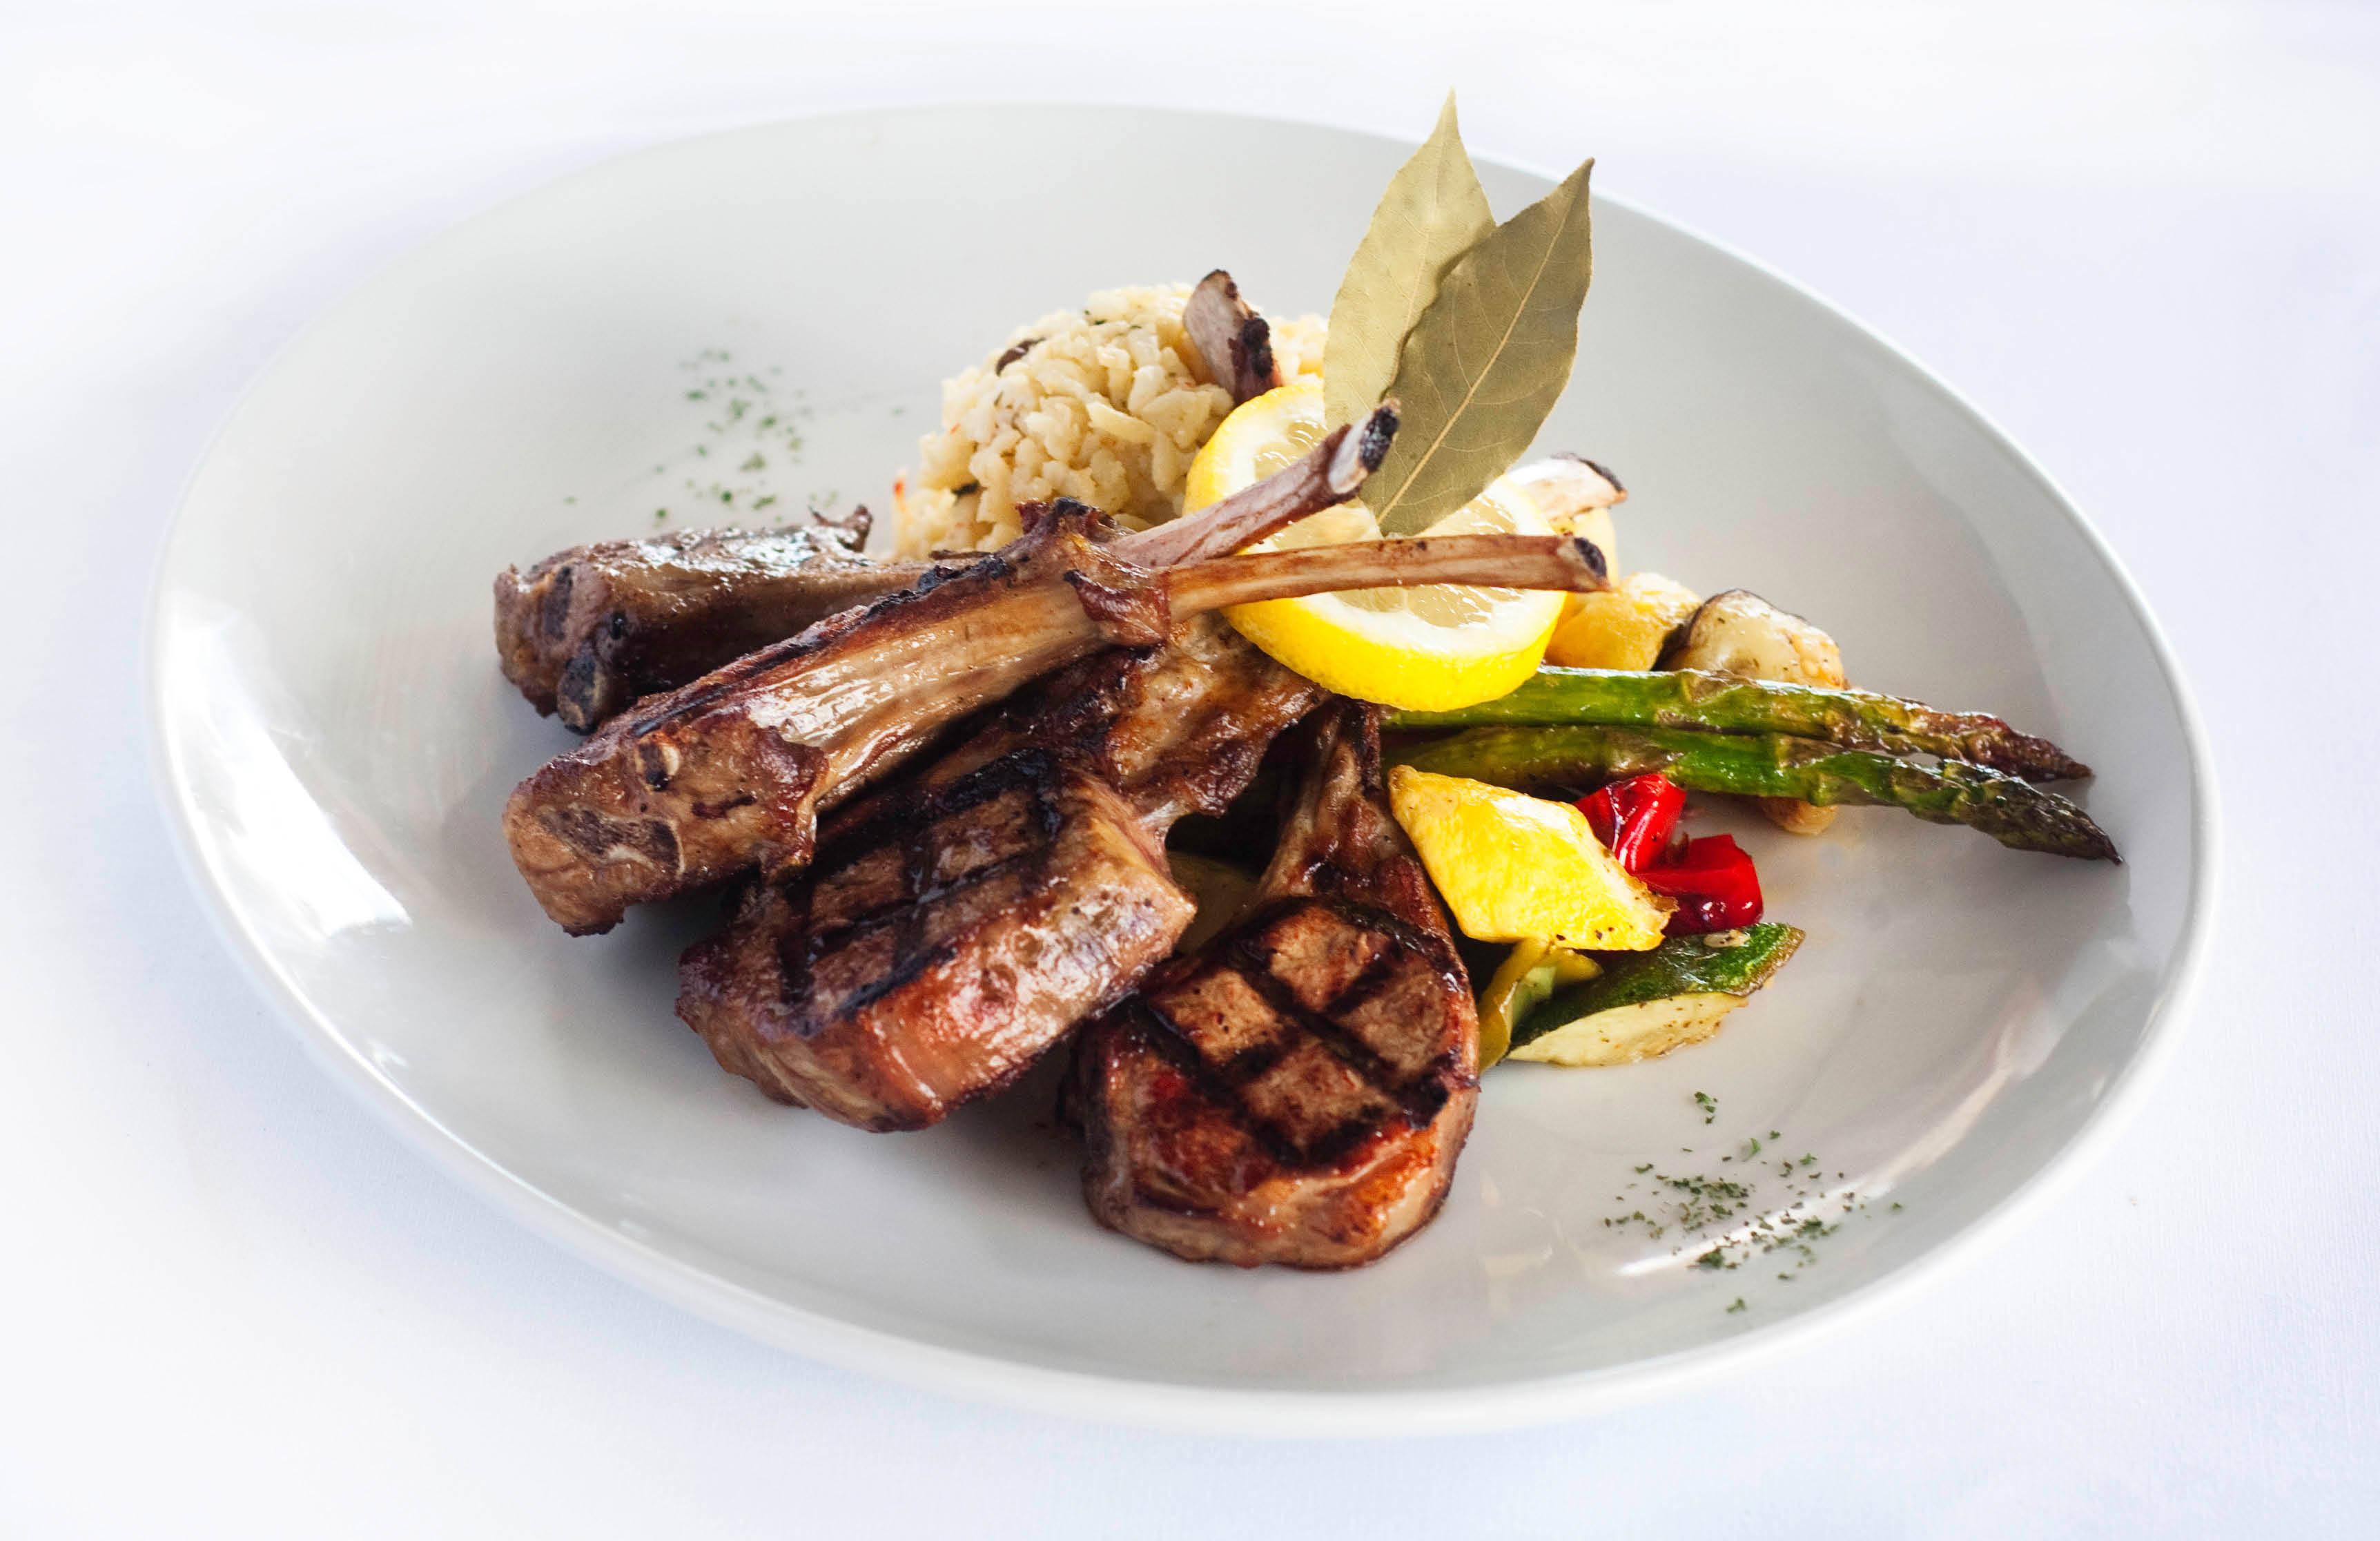 Greek food near Bradenton, FL